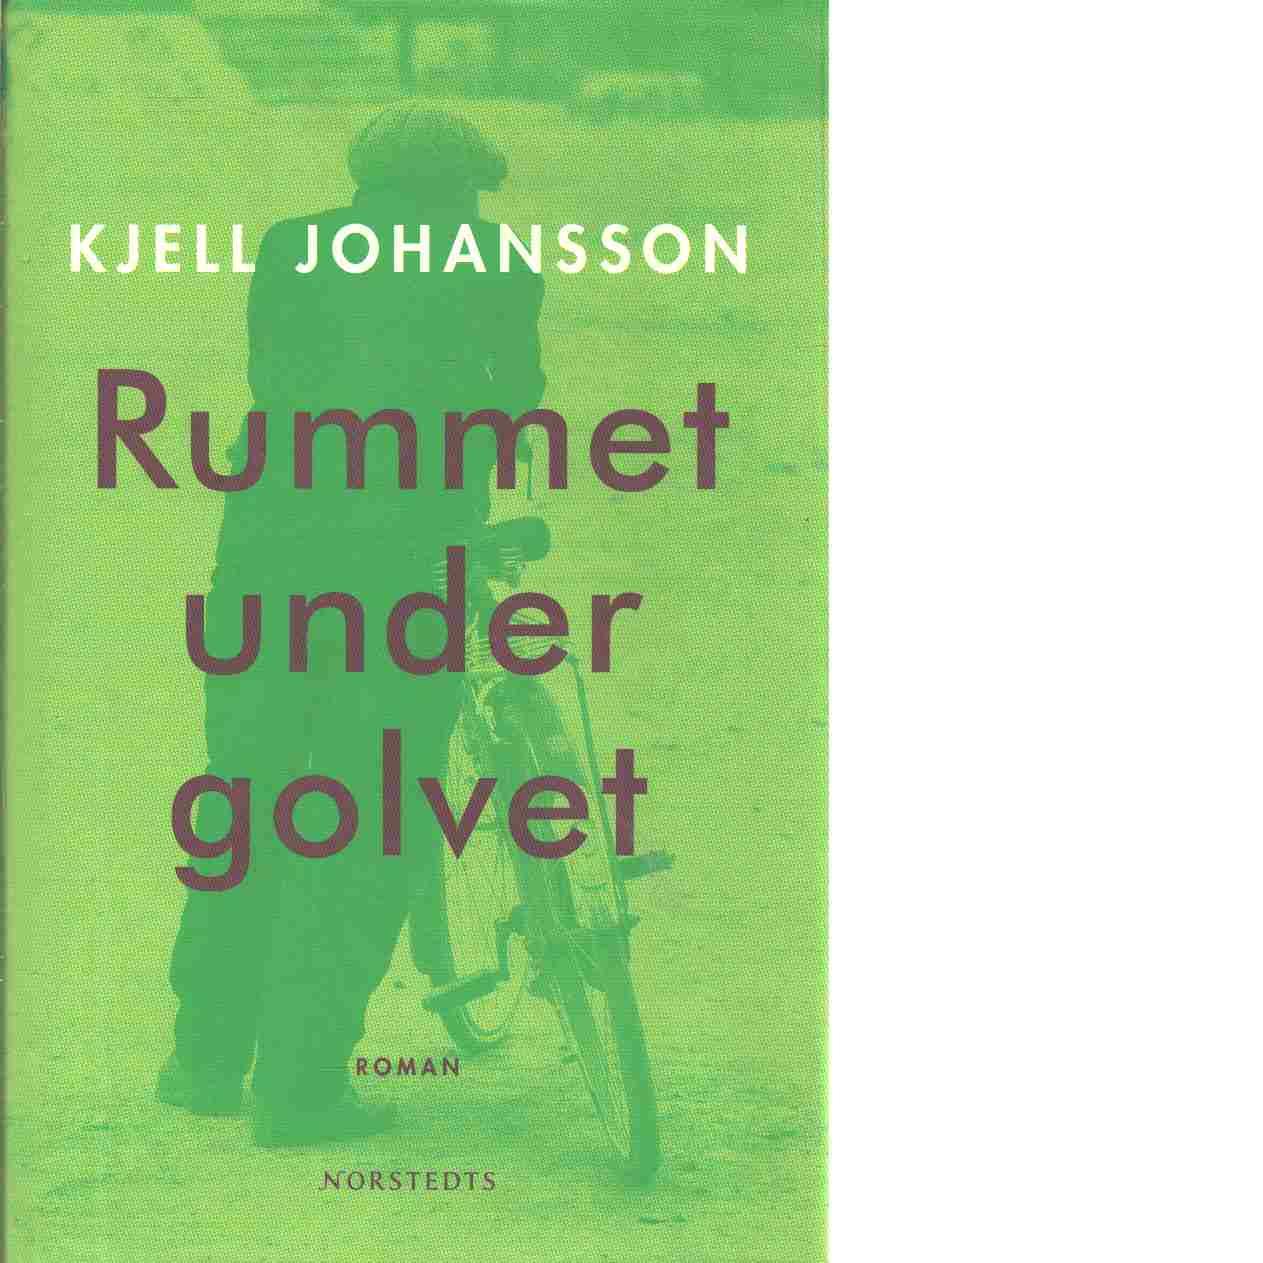 Rummet under golvet - Johansson, Kjell